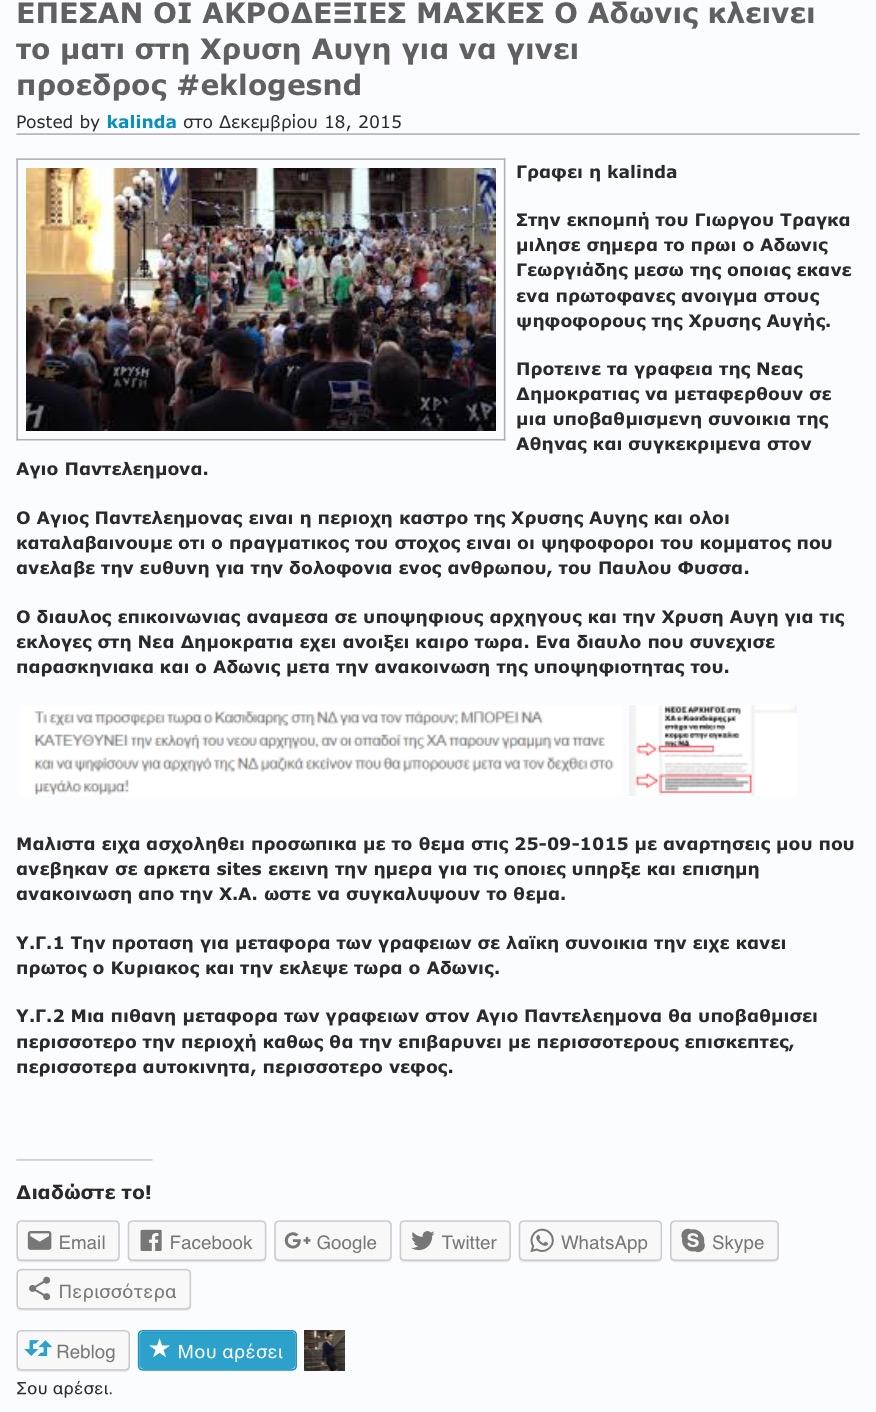 Η μεγάλη ΔΙΚΑΙΩΣΗ του olympia για τις κρυφές σχέσεις Χρυσής Αυγής & Νέας Δημοκρατιας